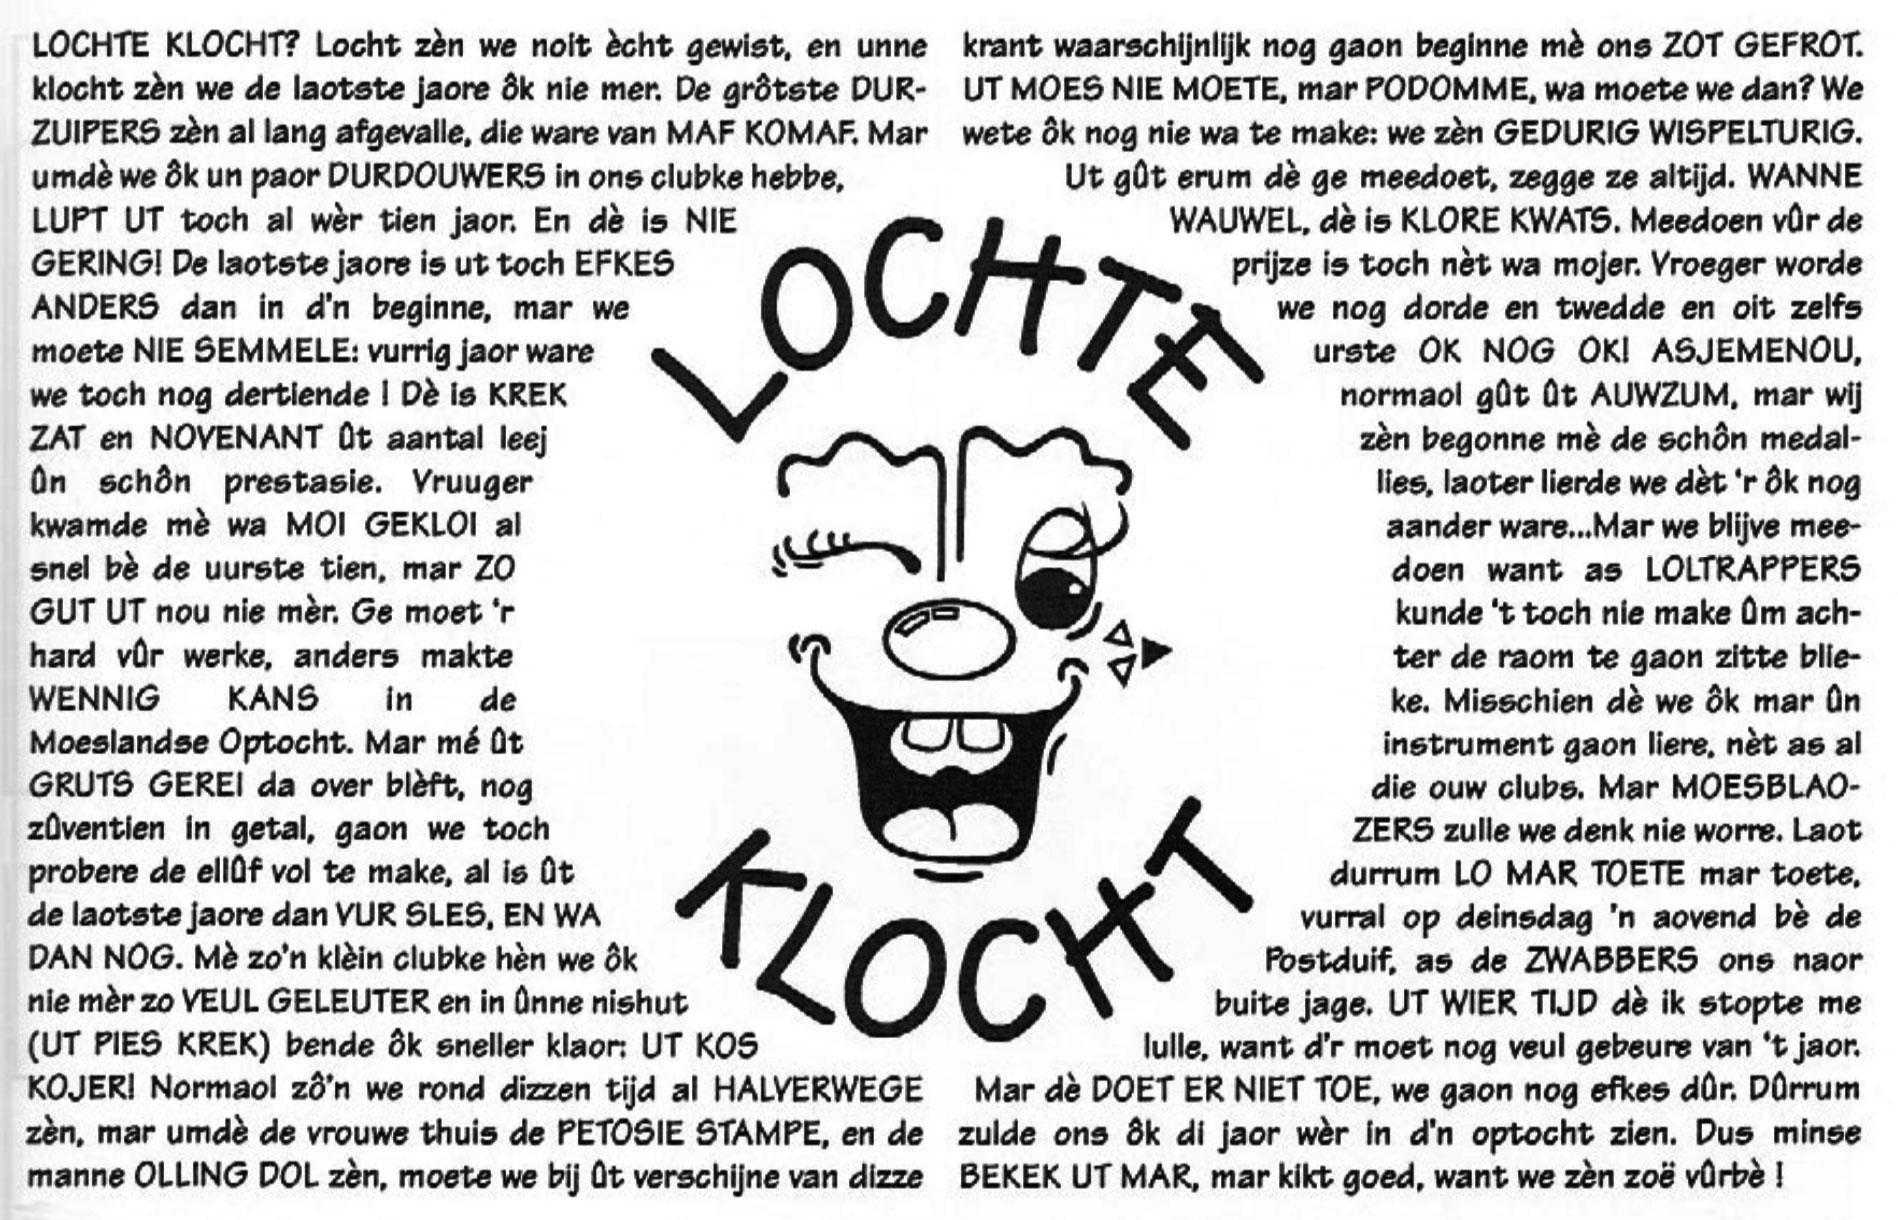 Stukje uit de carnavalskrant van Lochte Klocht - 1997